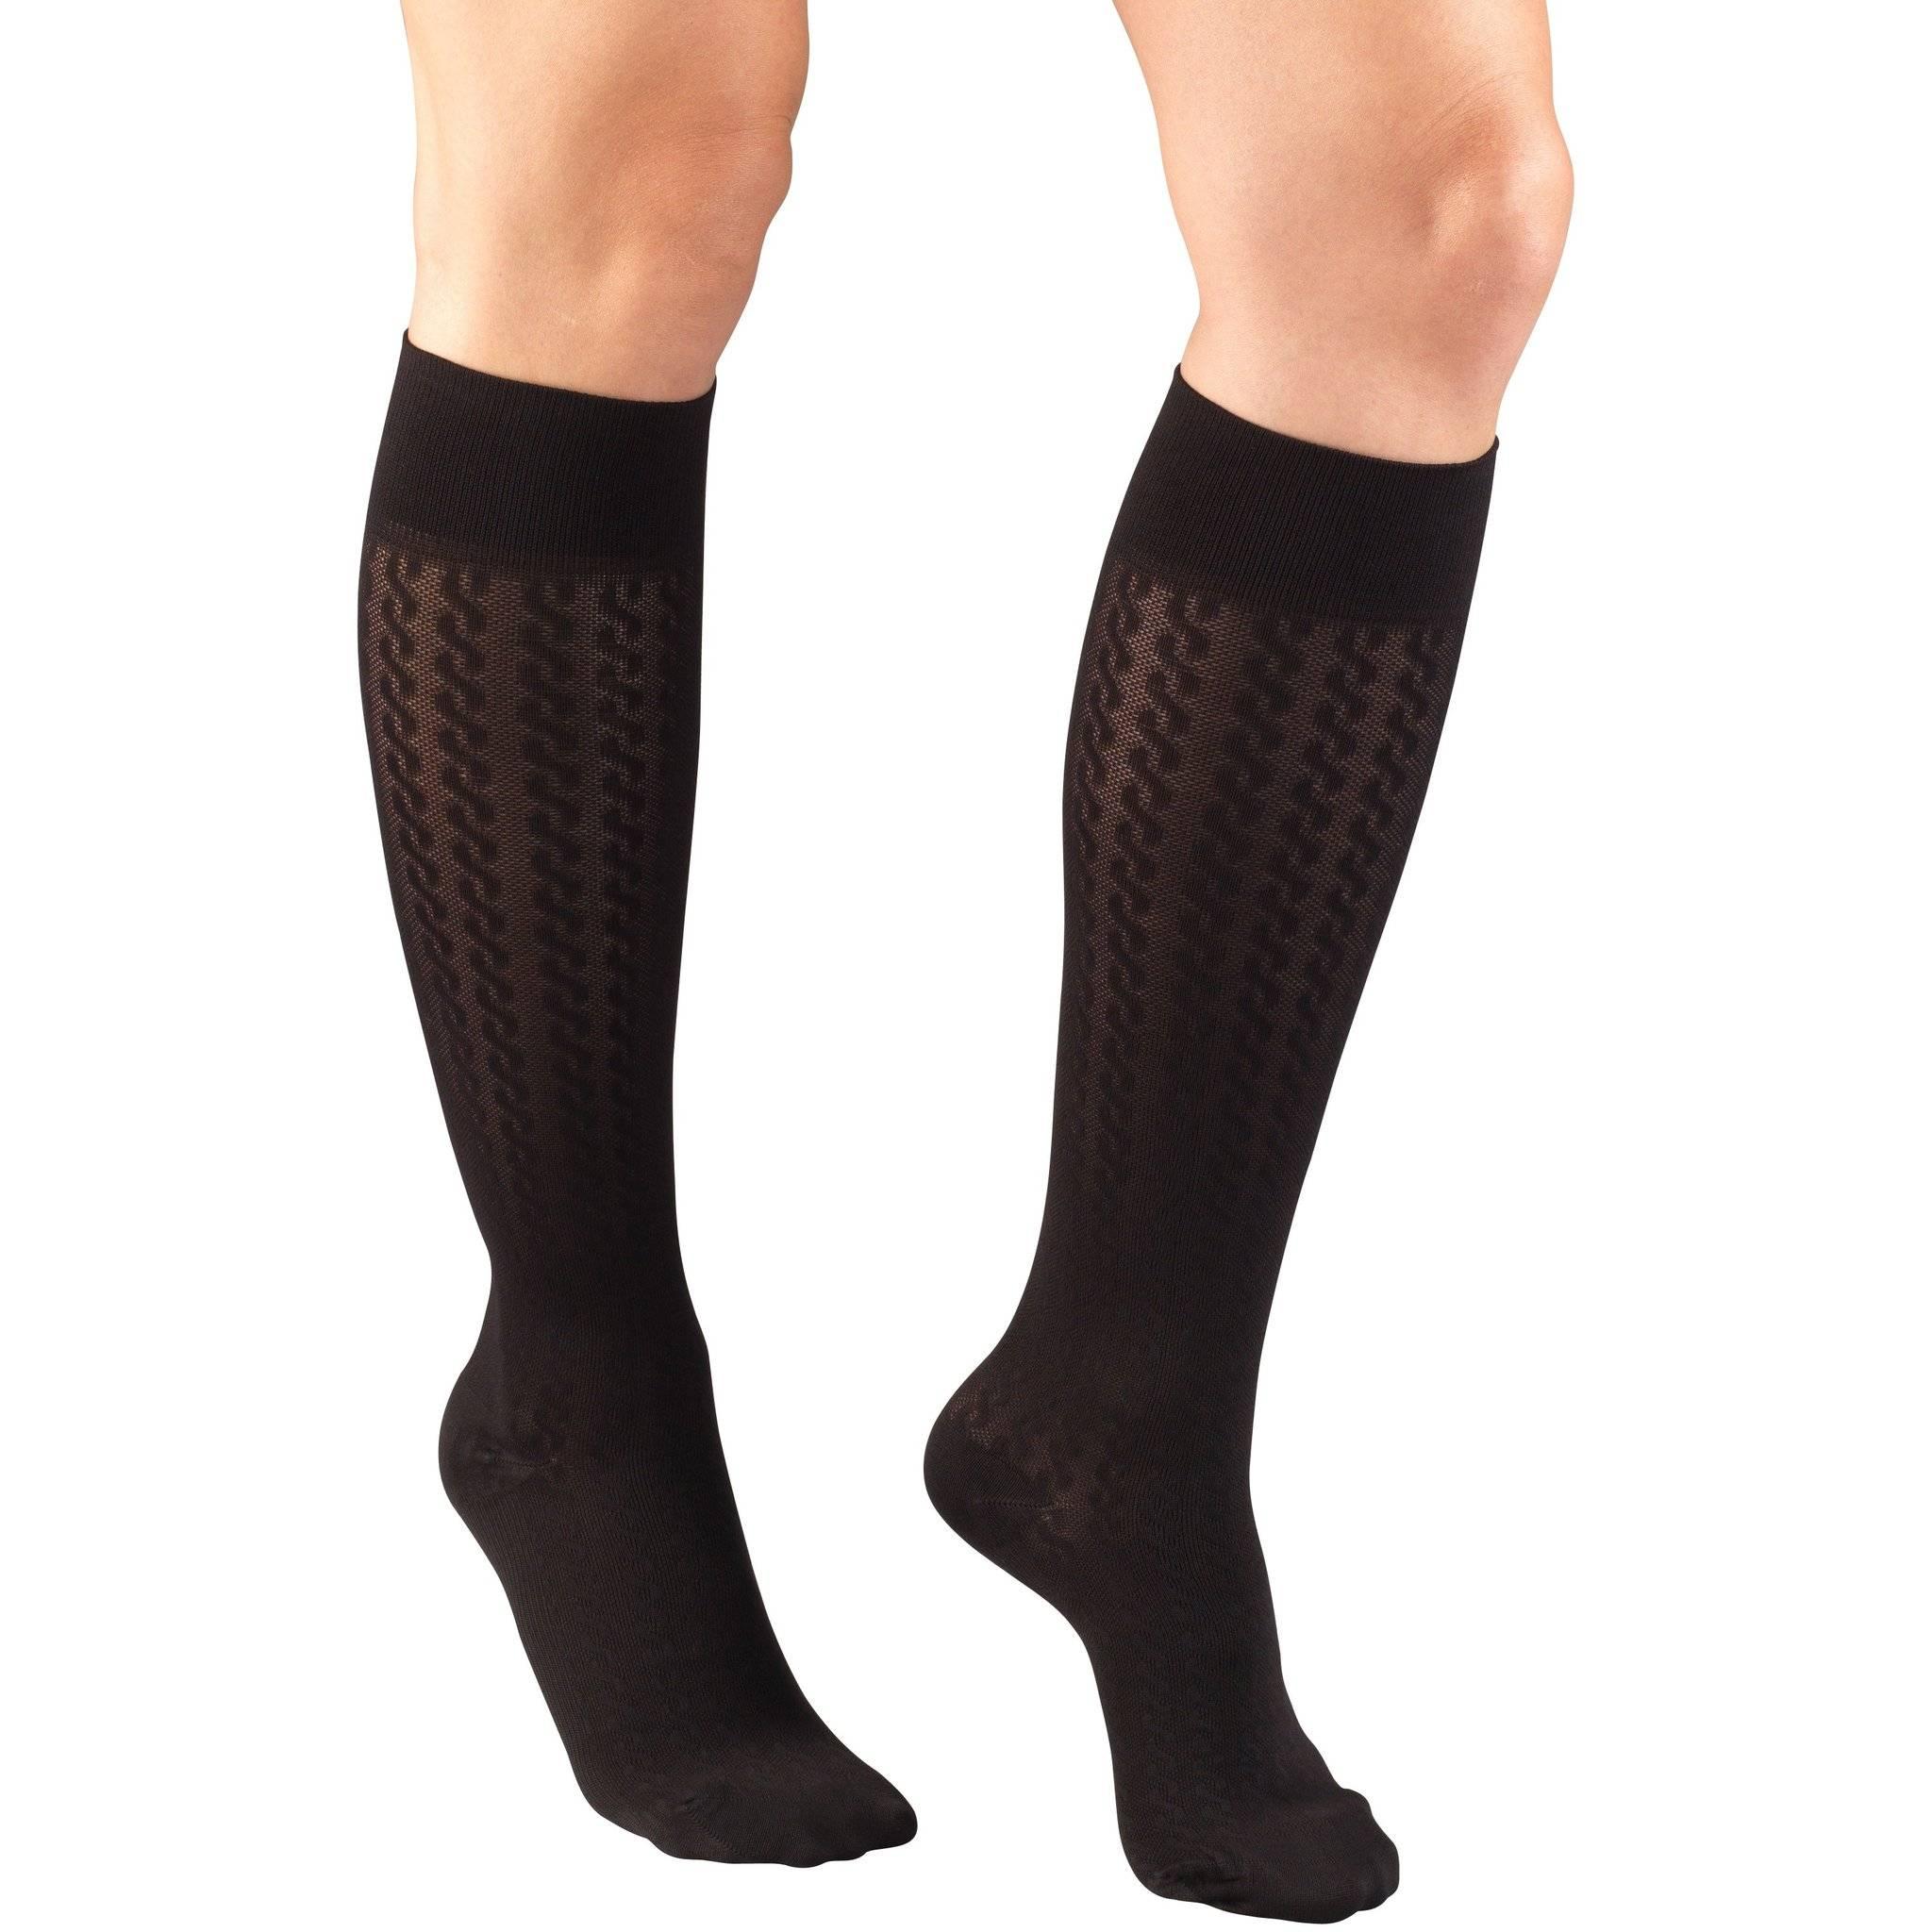 Ladies' Knee High Cable Pattern Socks